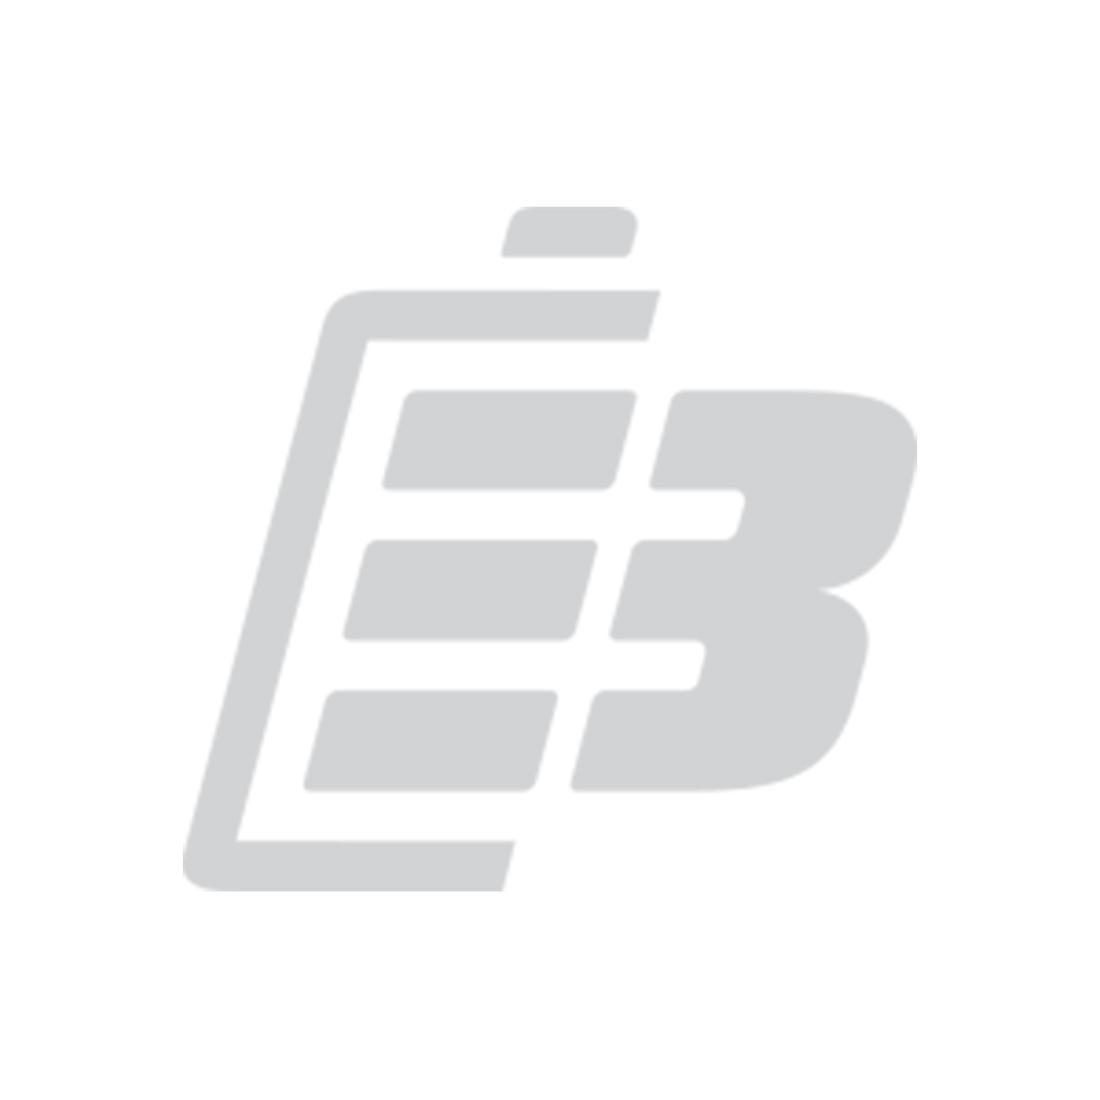 Fenix ARB-L18-2600U USB Battery 2600mah_1